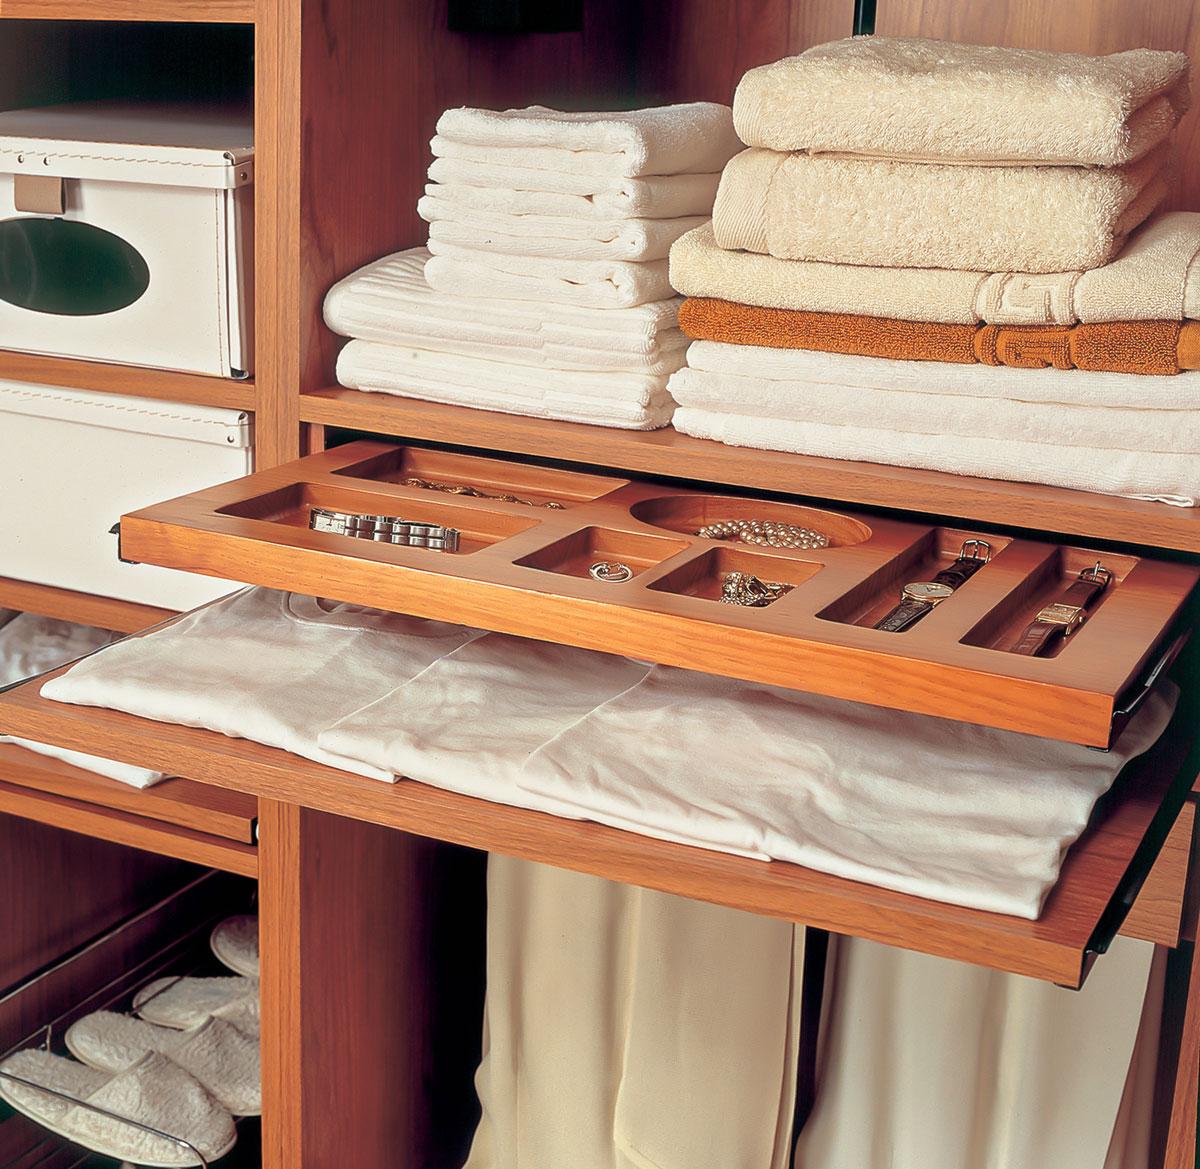 Armarios roperos armarios de cocina y armarios de ba o - Accesorios para armarios roperos ...